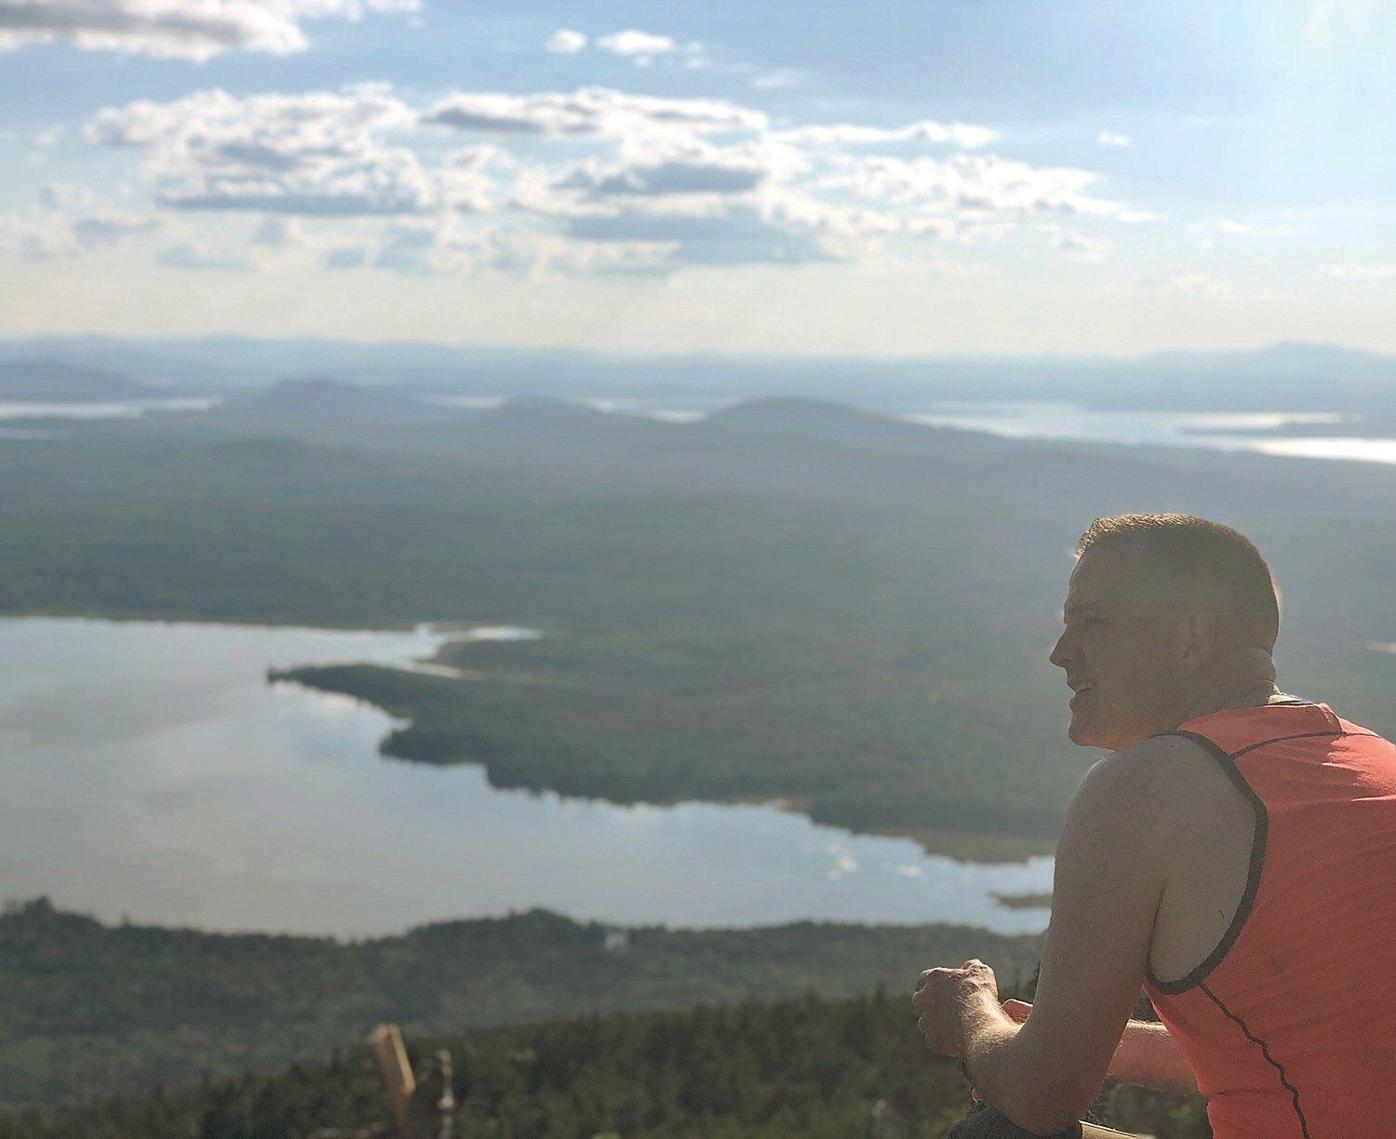 Local hiker completes big challenge